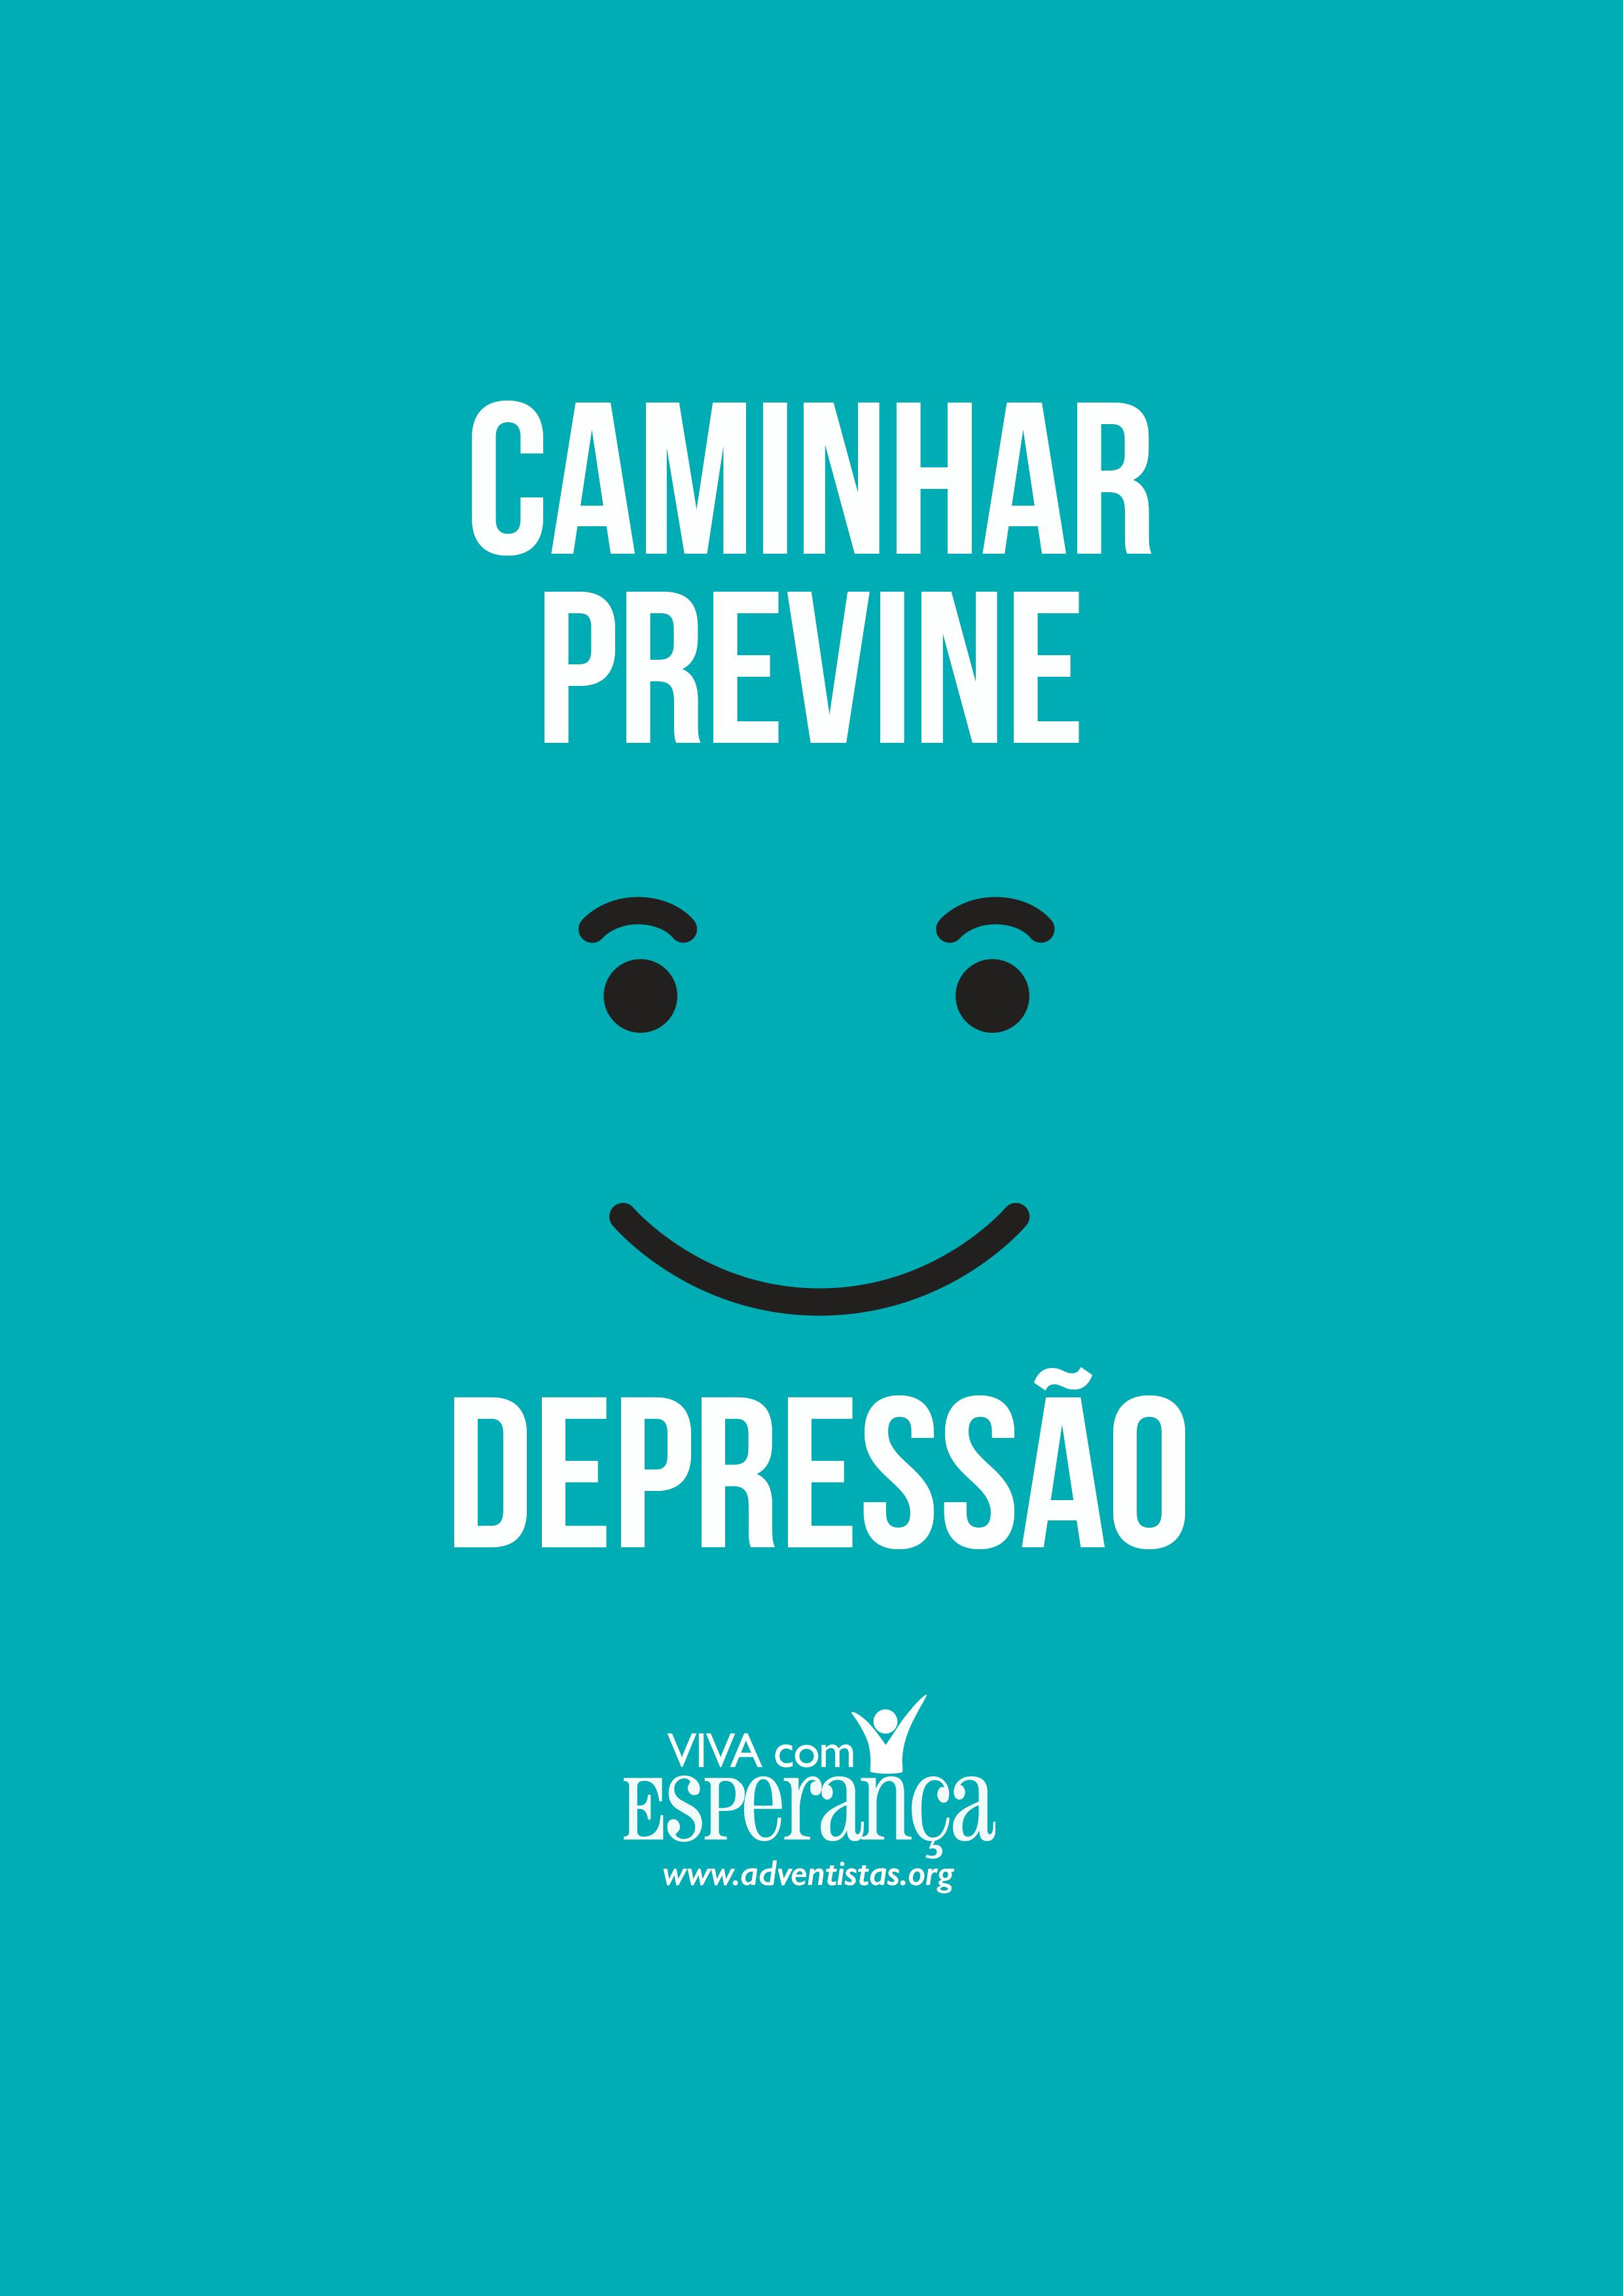 Suficiente caminhar previne a depressão | Frases motivacionais - Treino  YN32